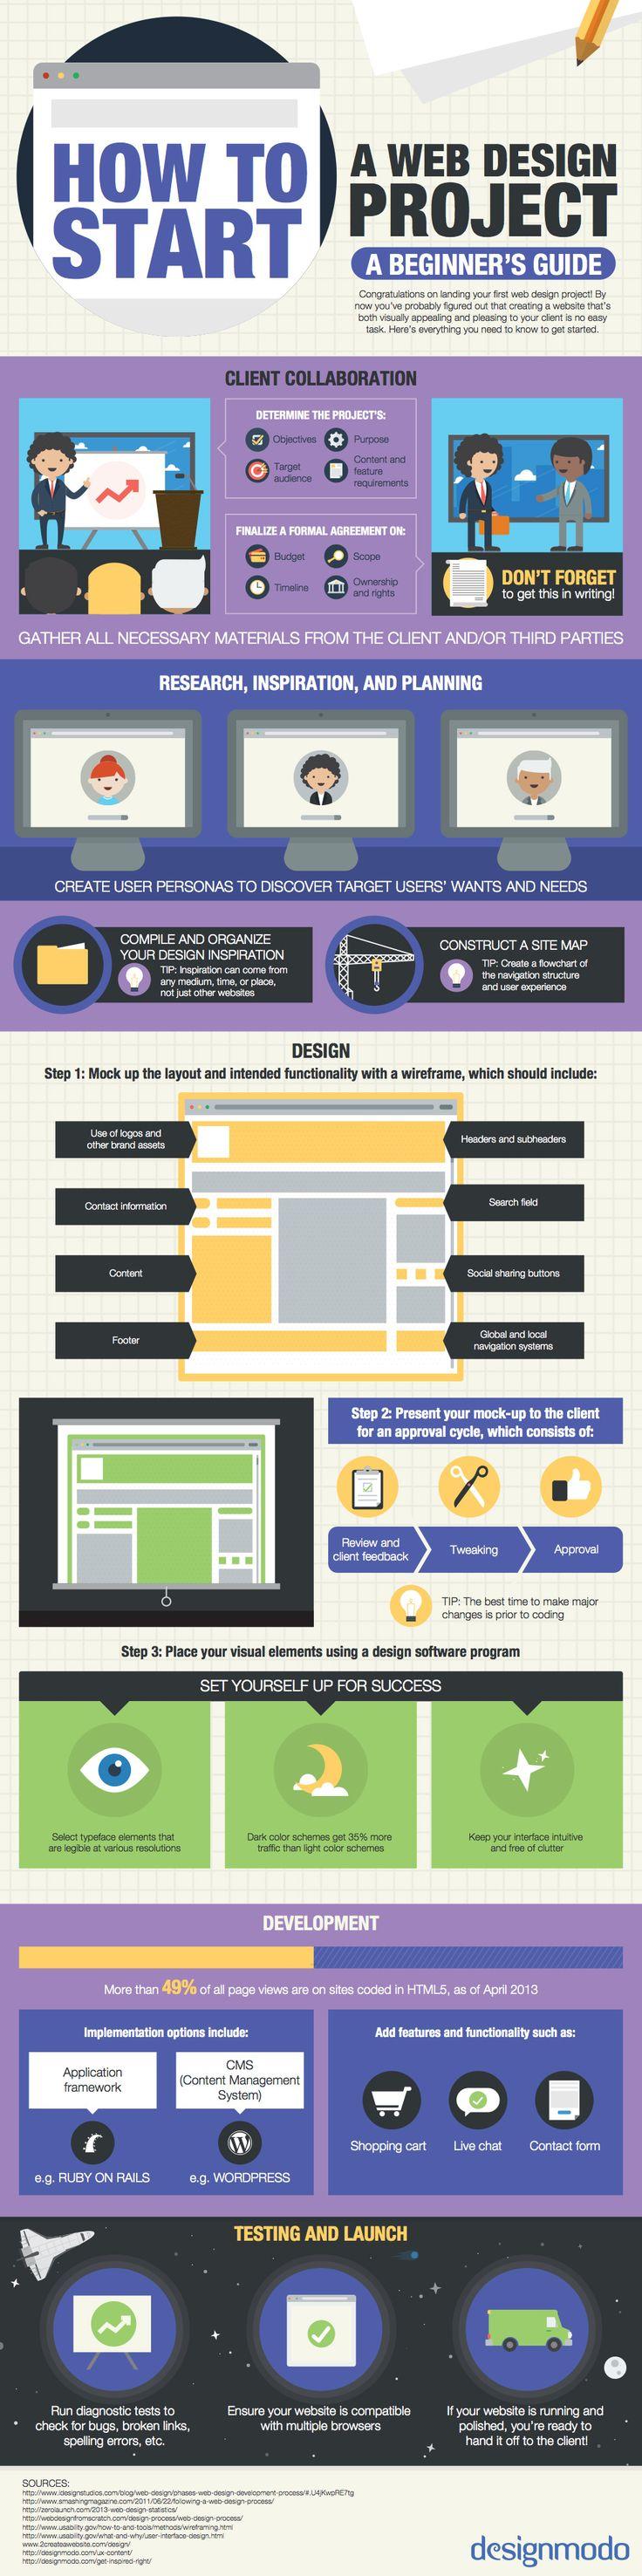 Começar um projeto de web design não é só começar a desenhar um plano e programar, este processo é muito além do que você imaginava! Hoje compartilho com você um infográfico criado pelo pessoal da DesignModo onde eles mostram de forma simples como iniciar um projeto de web design, ou seja, a criação de um …